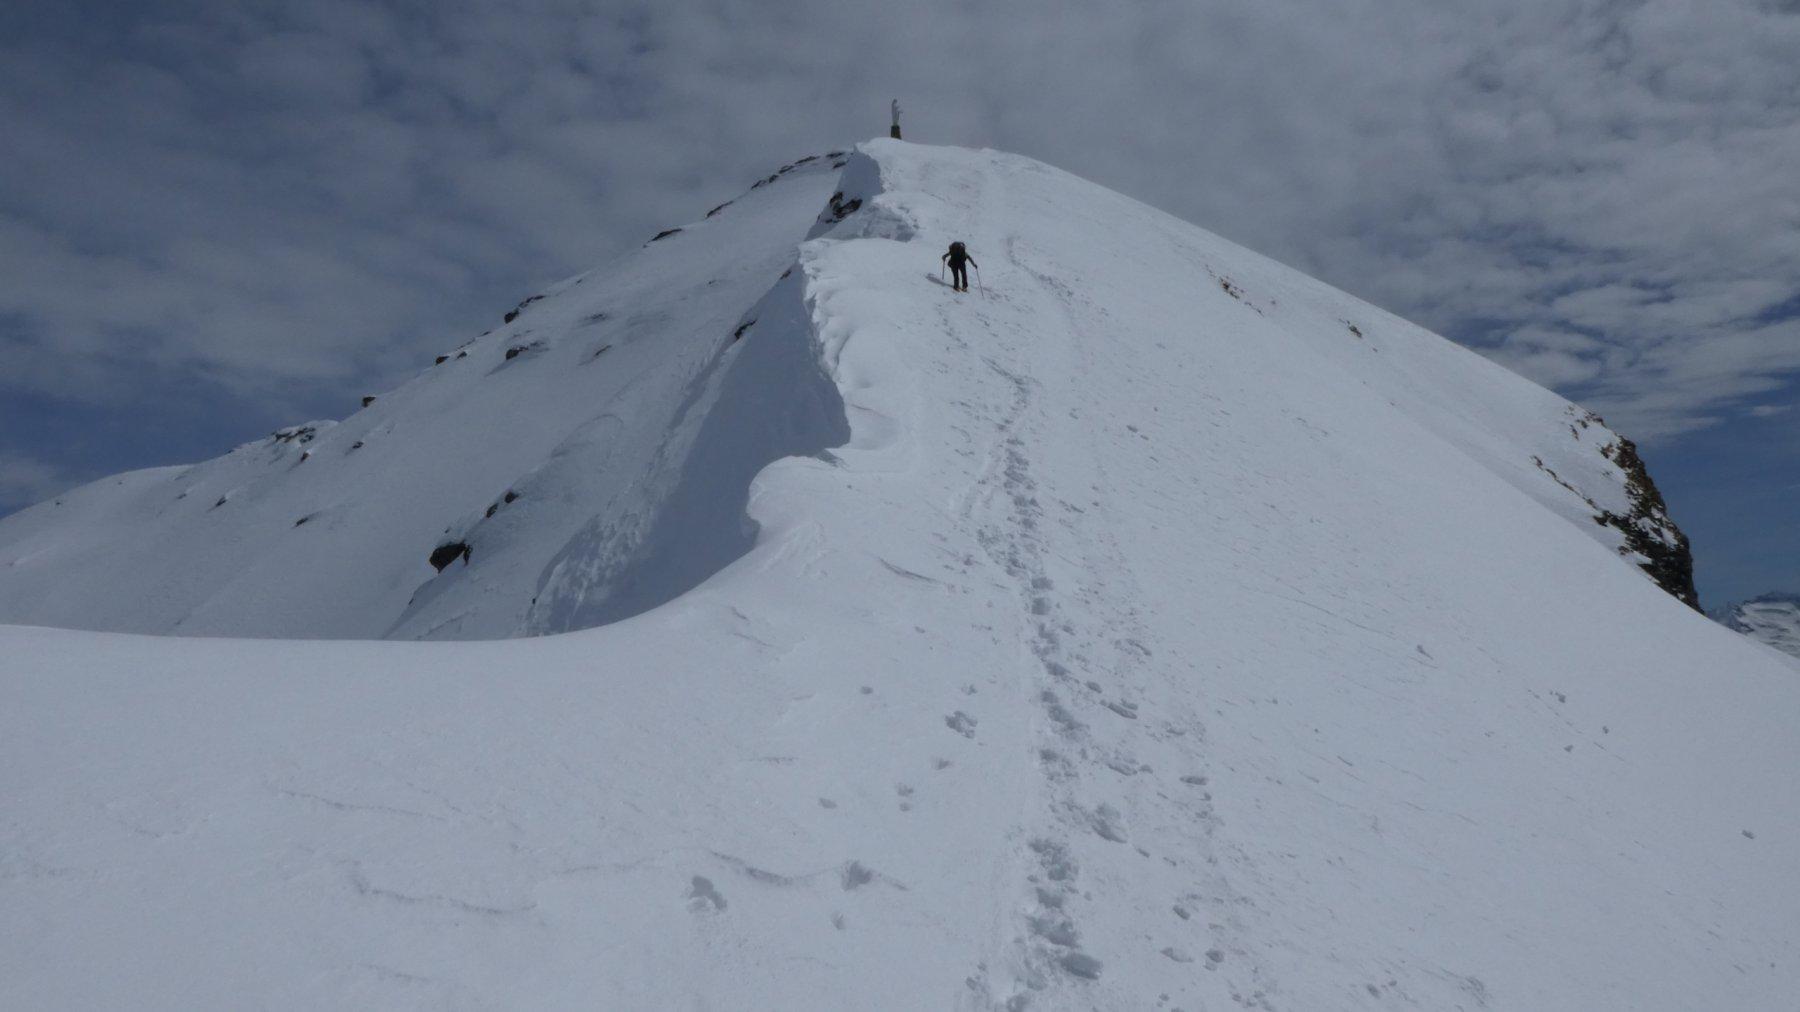 ultimo tratto della cresta prima di arrivare in cima